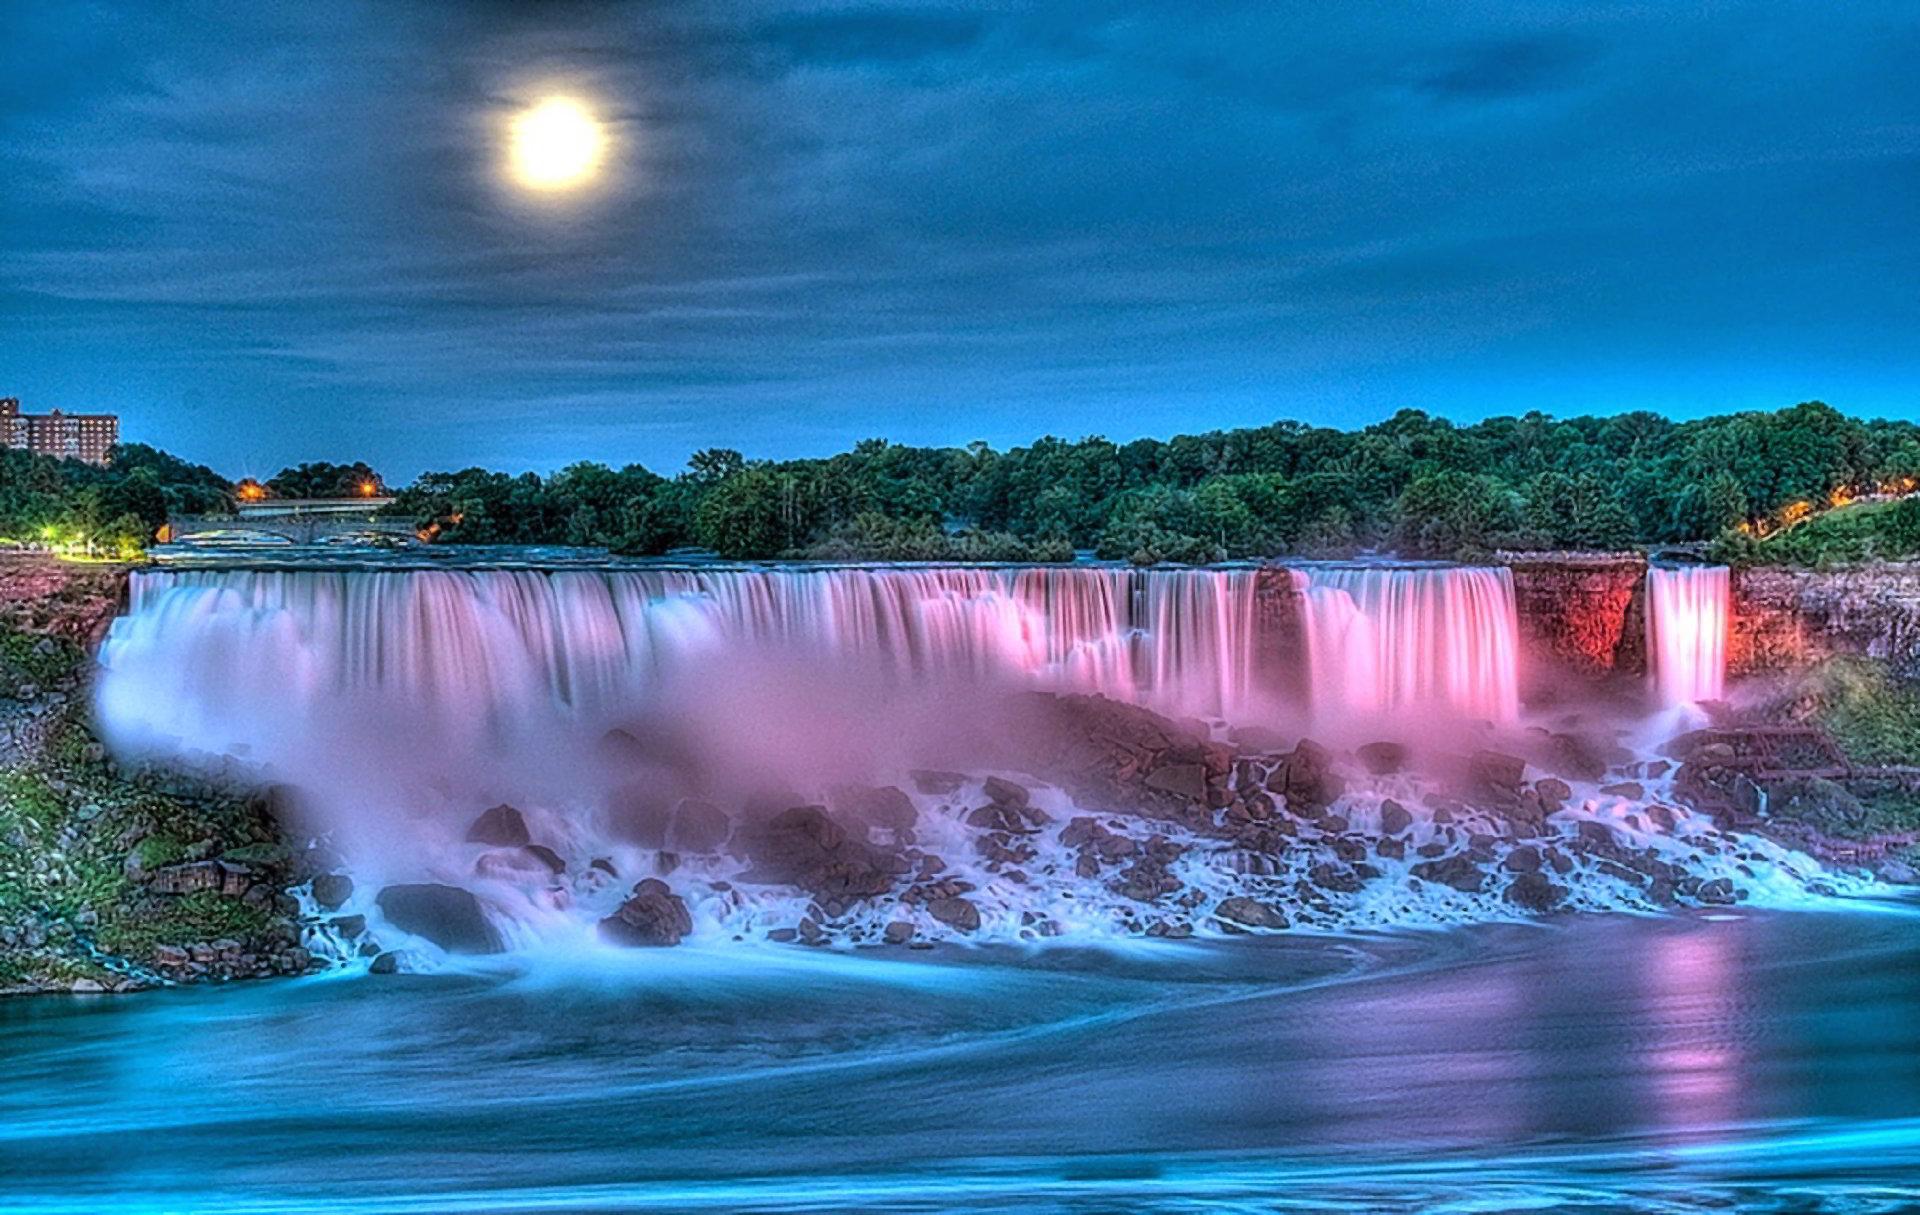 Hình ảnh thác nước đẹp và hùng vĩ nhất